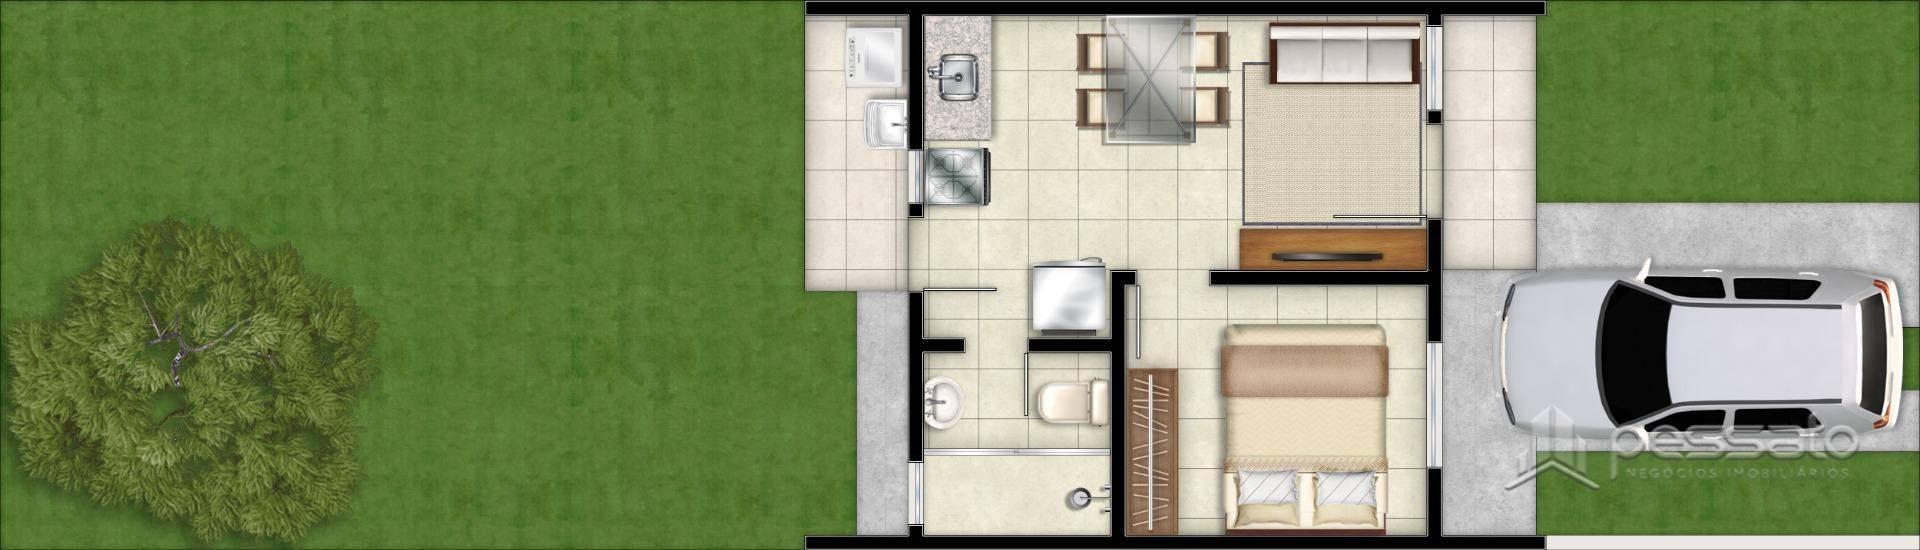 casa 2 dormitórios em Cachoeirinha, no bairro Jardim Betânia